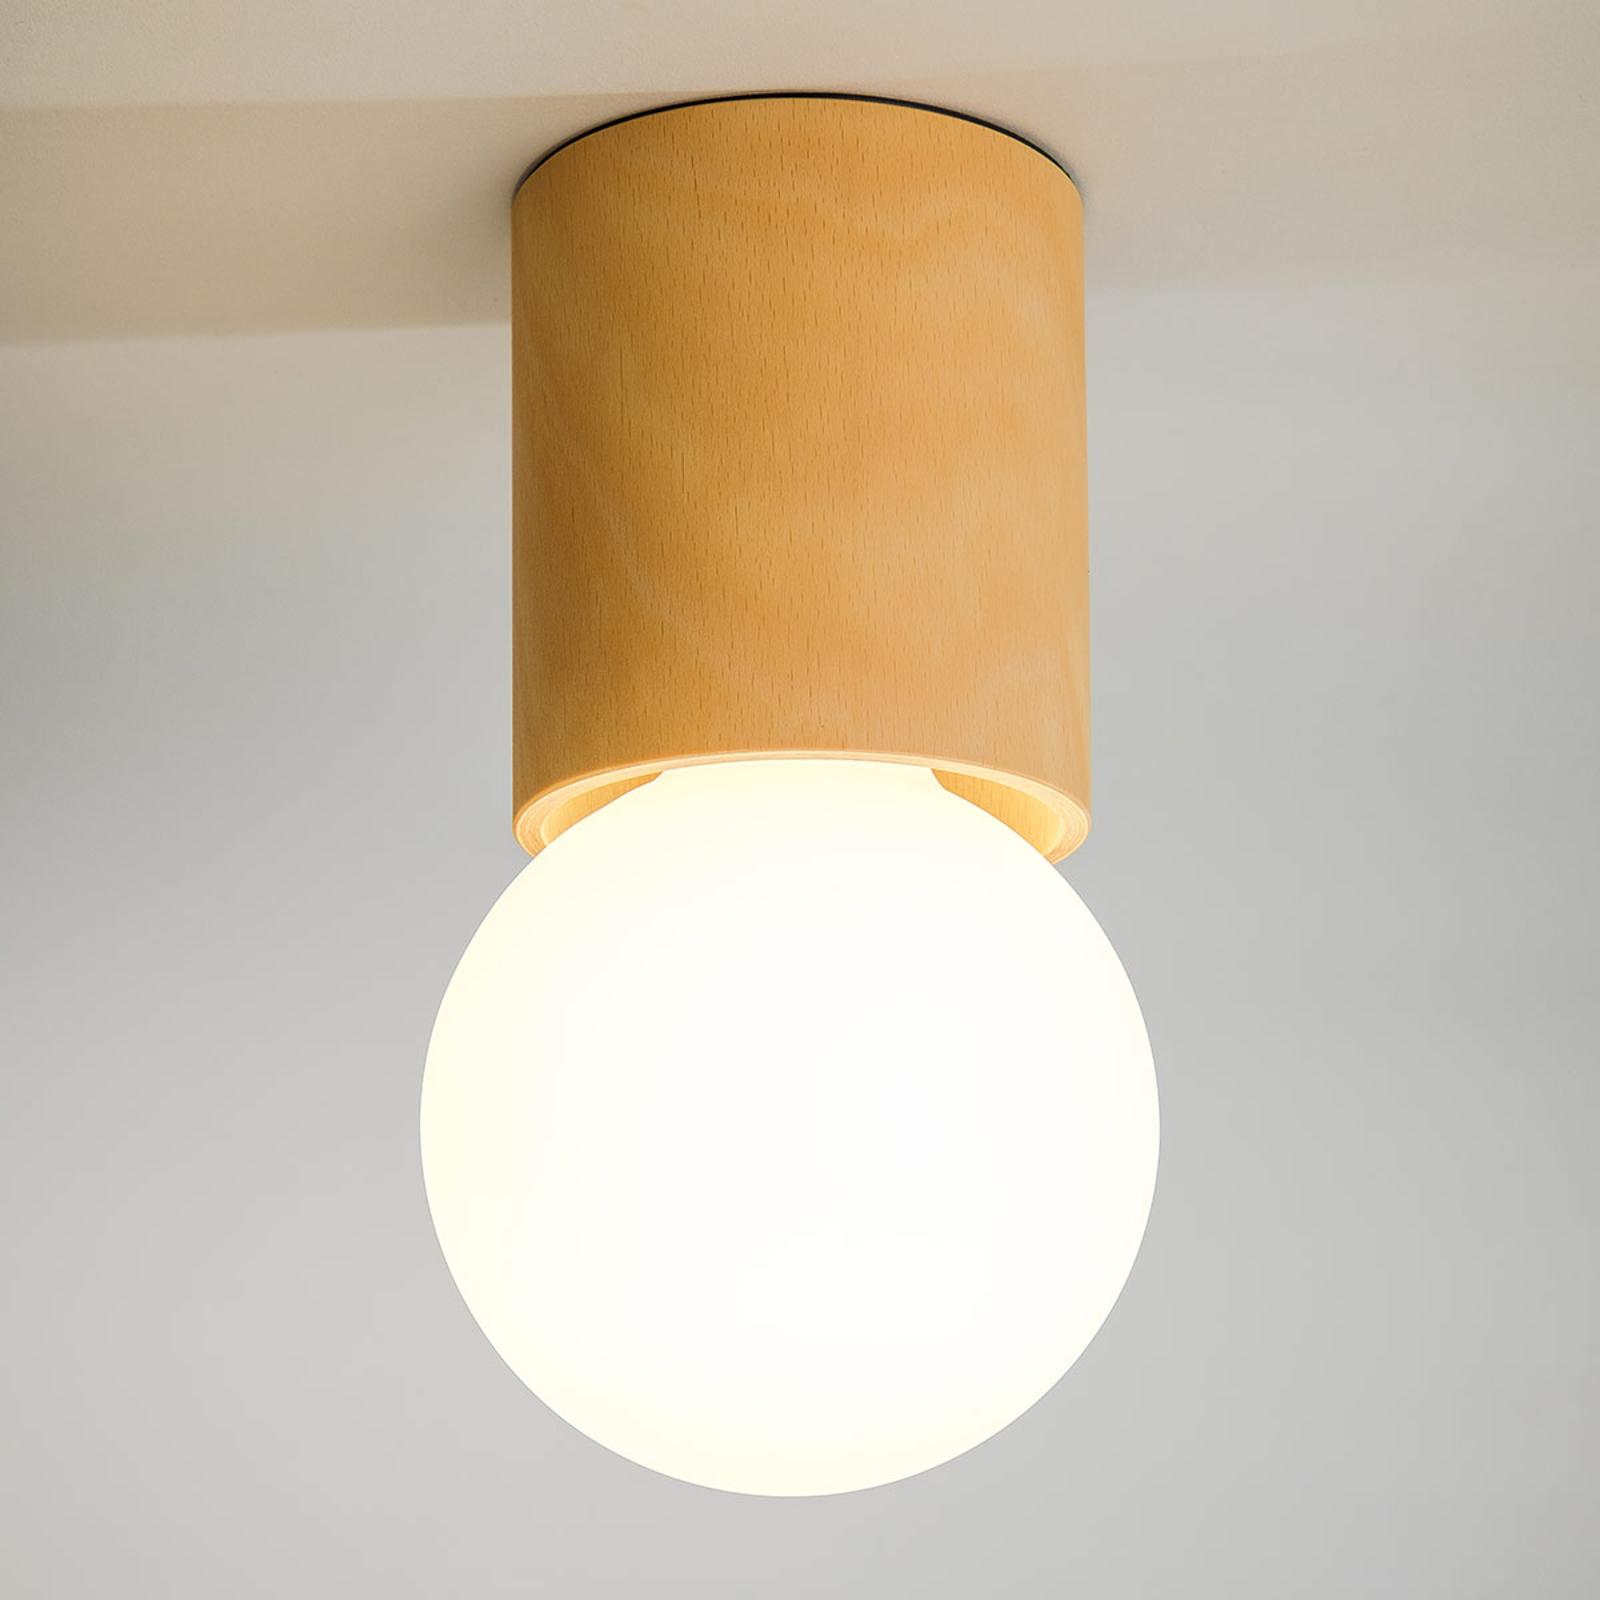 Plafondlamp Tondolo, beukenhout